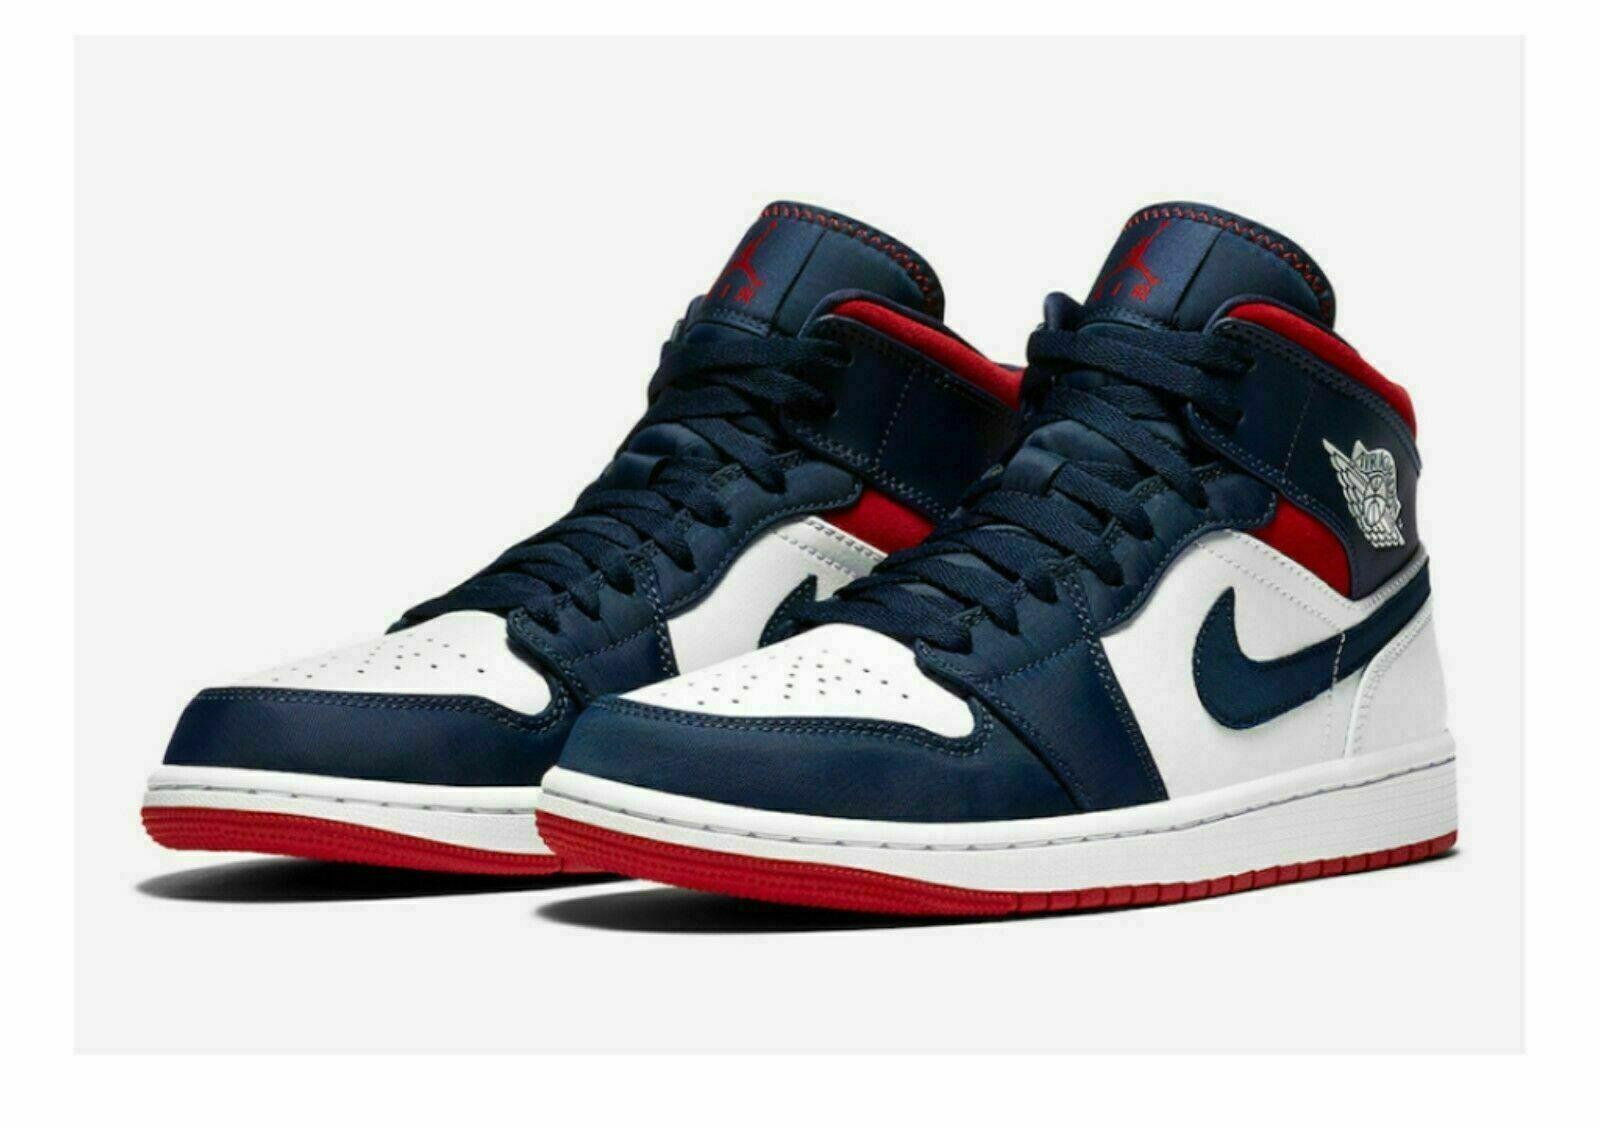 Nike Air Jordan 1 Mid Se Black Patent Leather Gold White 852542